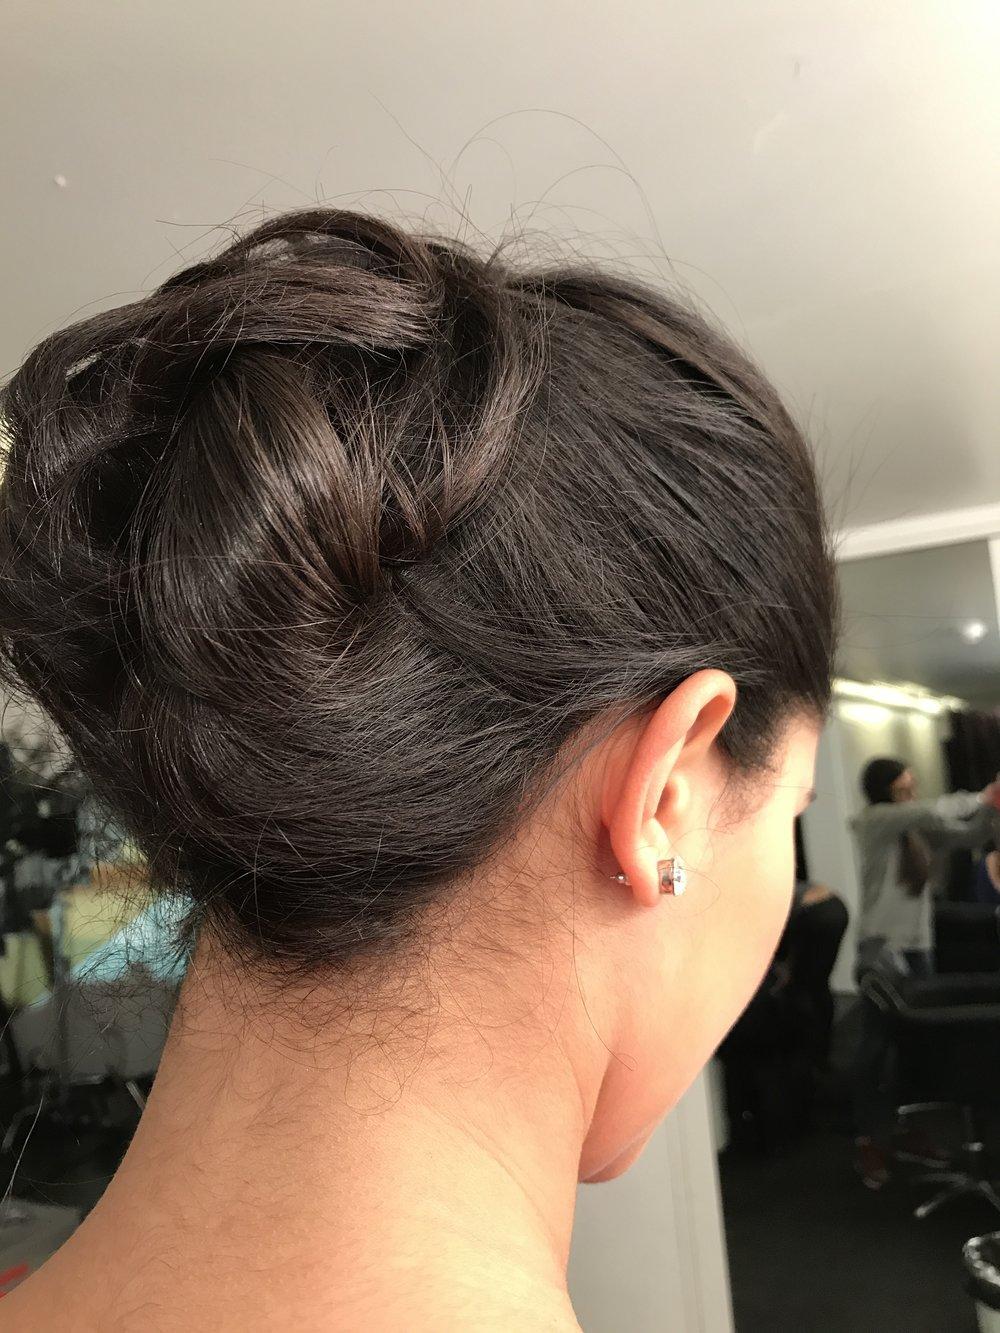 My hair up do, on Rosie_fawehimi